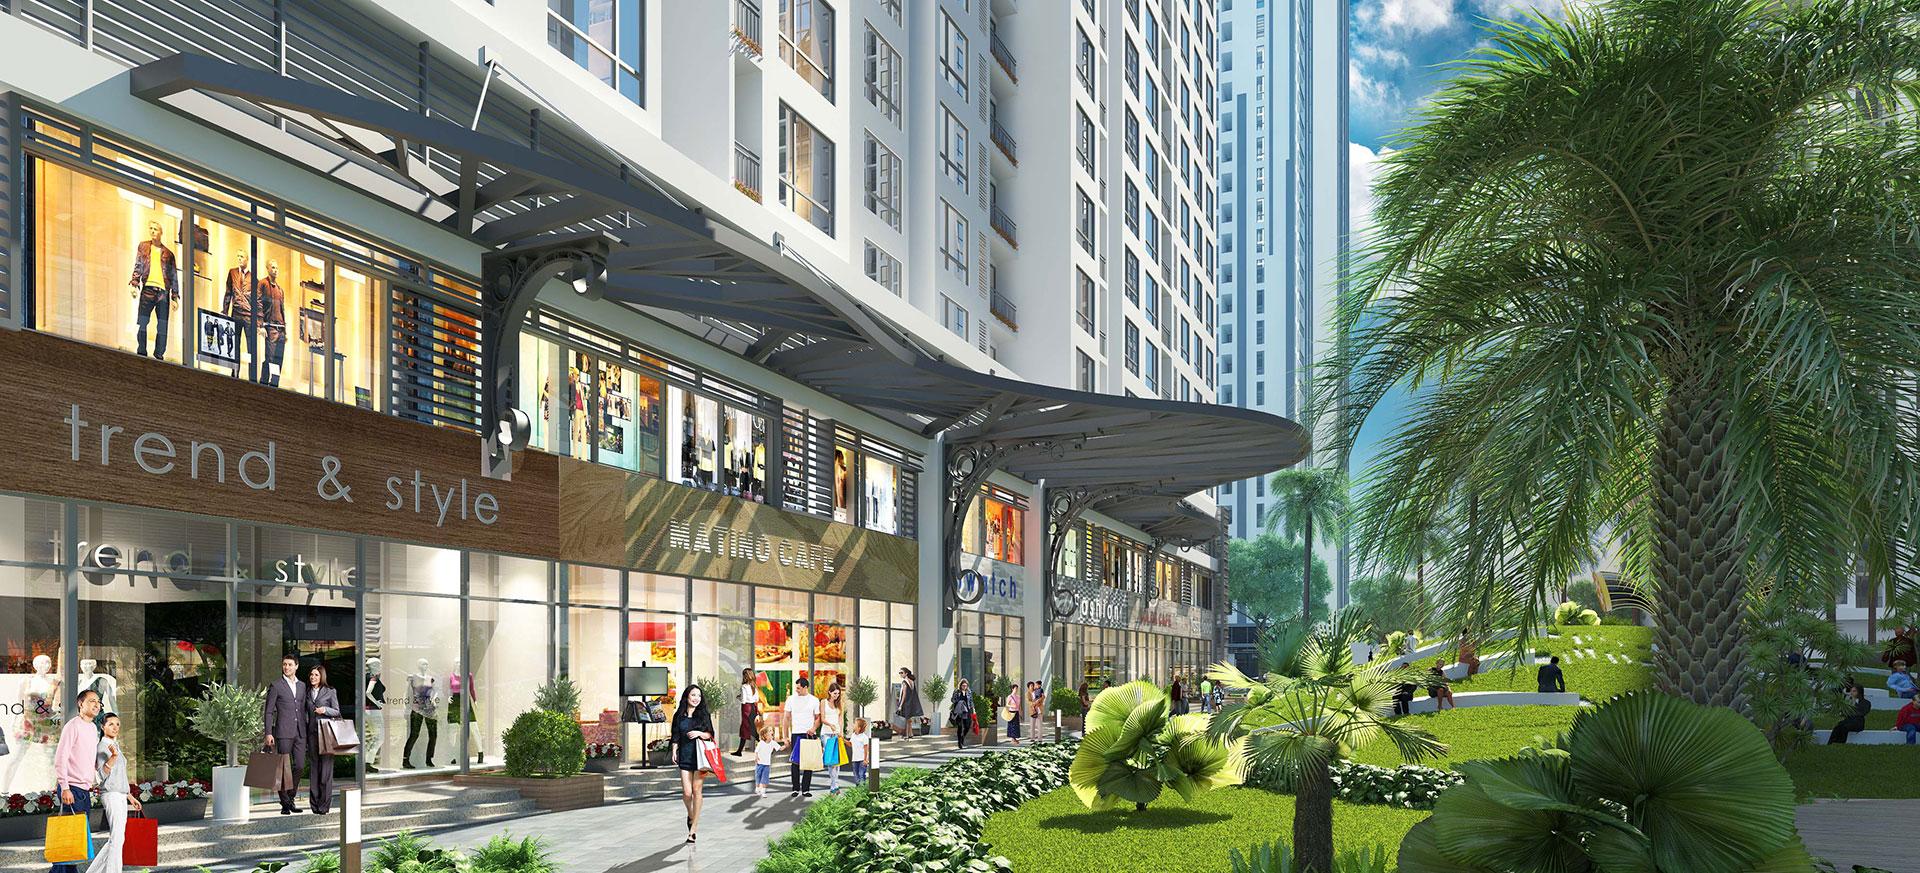 Shop khối đế Vinhomes Grand Park – Tài sản không thể thiếu của nhà đầu tư